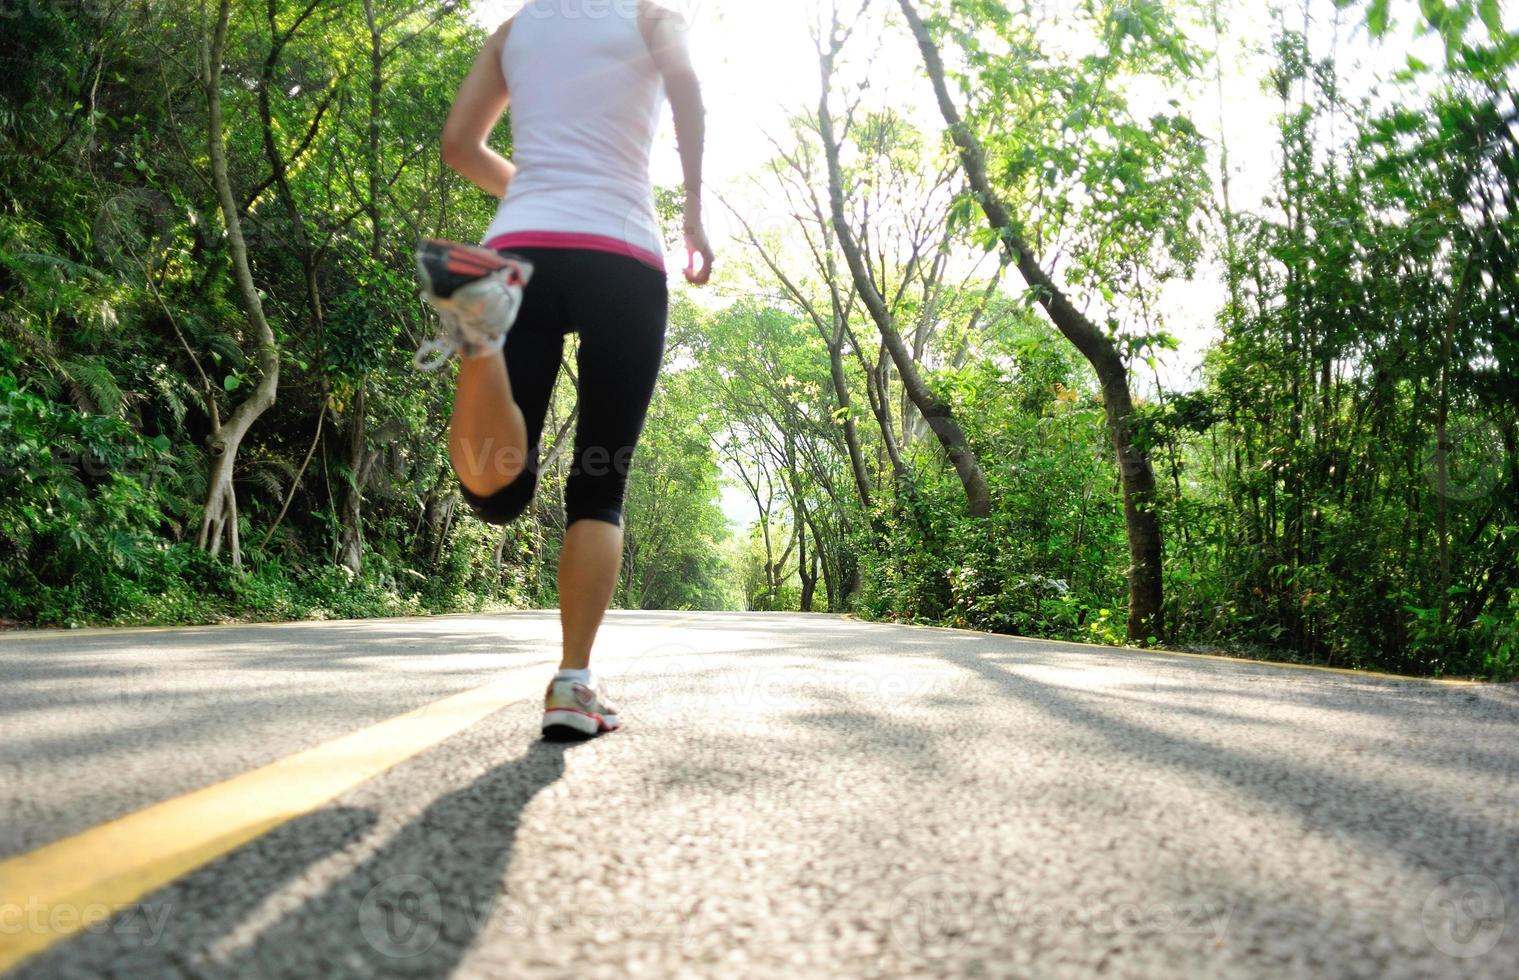 stile di vita sano sport fitness gambe di donna in esecuzione su strada forestale foto